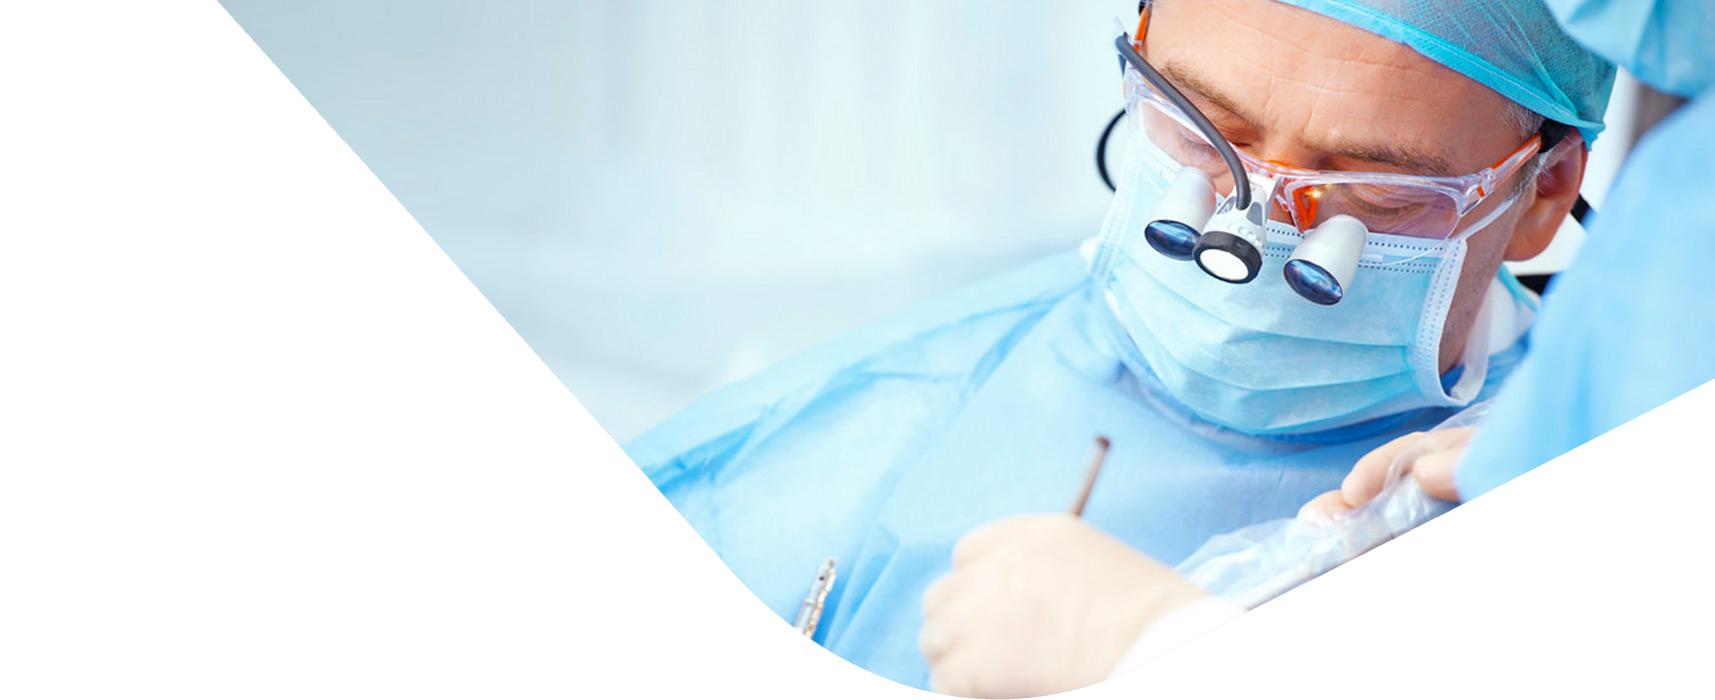 Bienvenue à l'EACim Académie Européenne d'Implantologie Céramique, pour promouvoir une implantologie dentaire biocompatible et mettre en commun : formations, documenthèque scientifique...